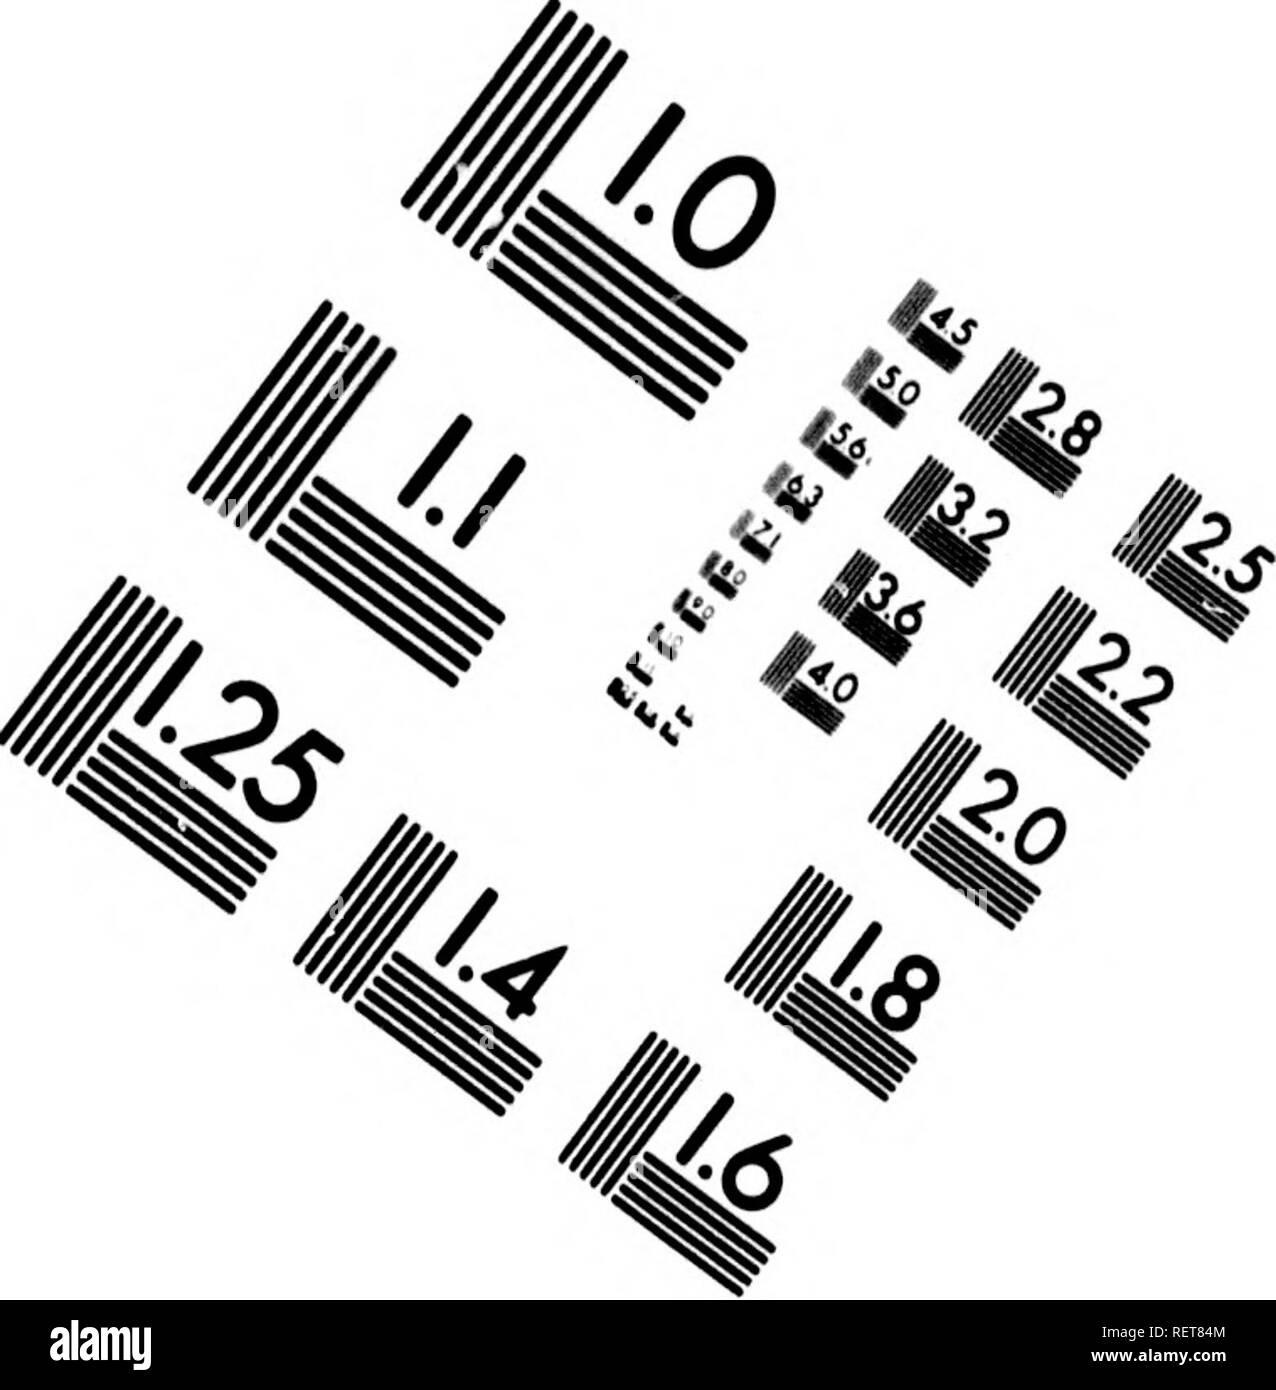 """. Histoire naturelle de Buffon [microforme] : classée par ordres, genres et espèces, d'après le système de Linné avec les caractères géné riques et la nomenclature Linnéenne. Sciences naturelles; Ornithologie; Natural history; Ornithology. IMAGE EVALUATION TEST TARGET (MT-S). 1.0 M â - IIIIIM m Jim if 1^ 112.5 2.2 2.0 1.8 1.25 1.4 ^ < 6"""" â ⺠V] <? /2 /: o 7f Photographie Sciences Corporation 23 WEST MAIN STREET WEBSTER, N.Y. 14580 (716) 872-4503 m ^v c  ». 6^ '. Please note that these images are extracted from scanned page images that may have been digitally enhanced fo - Stock Image"""